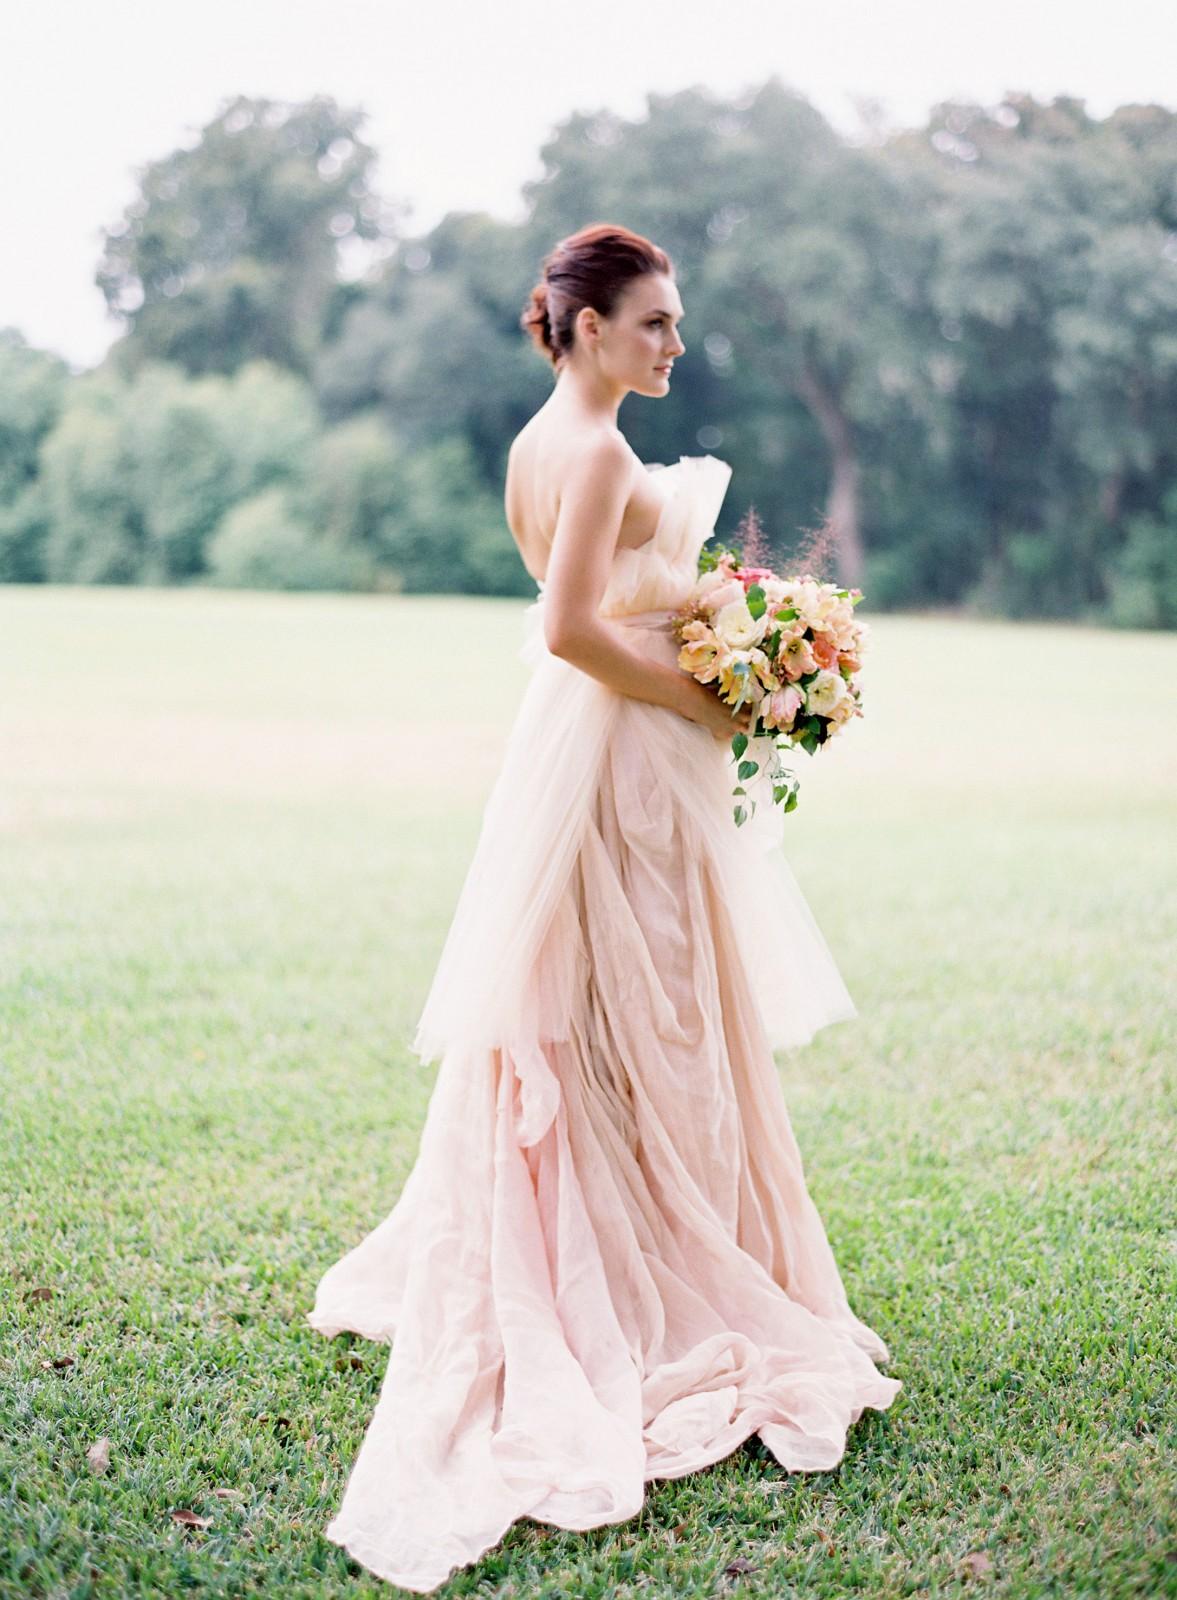 modnye-tendencii-svadebnoj-mody-26